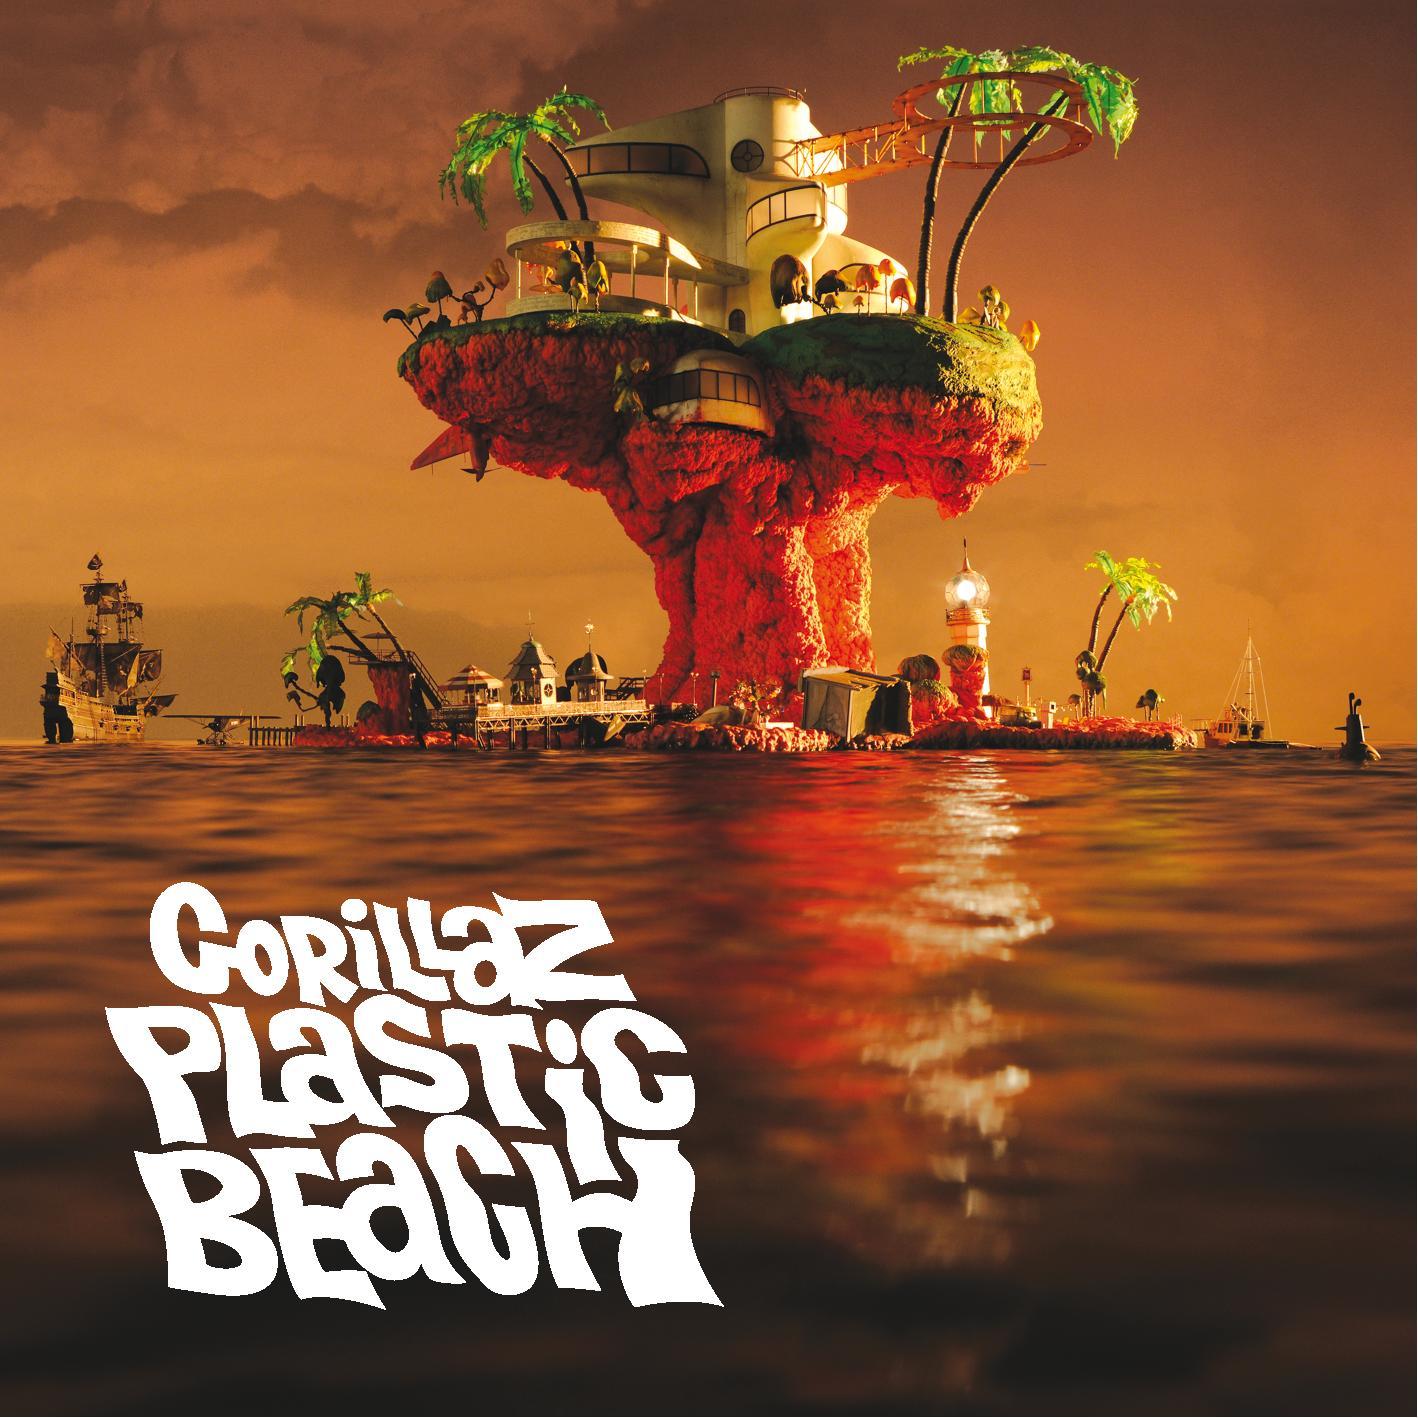 Gorillaz Plastic Beach album